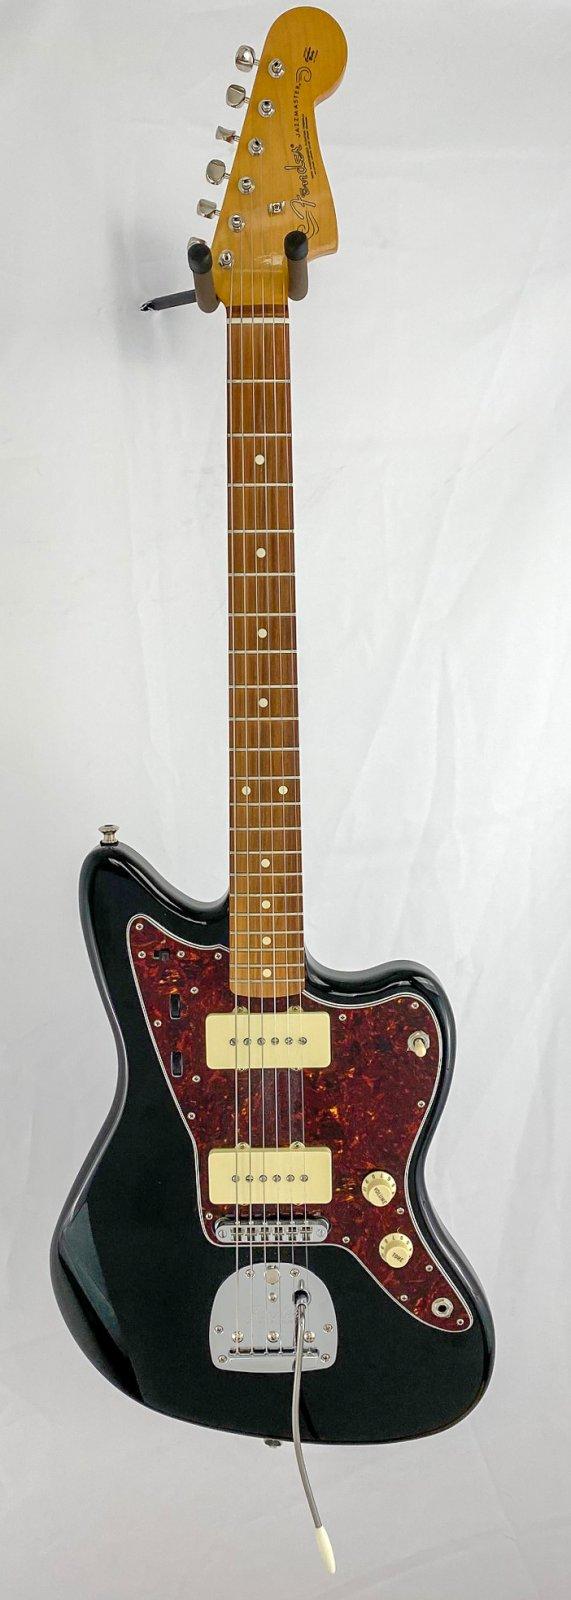 2018 Fender Classic Player Jazzmaster Special - w/gigbag